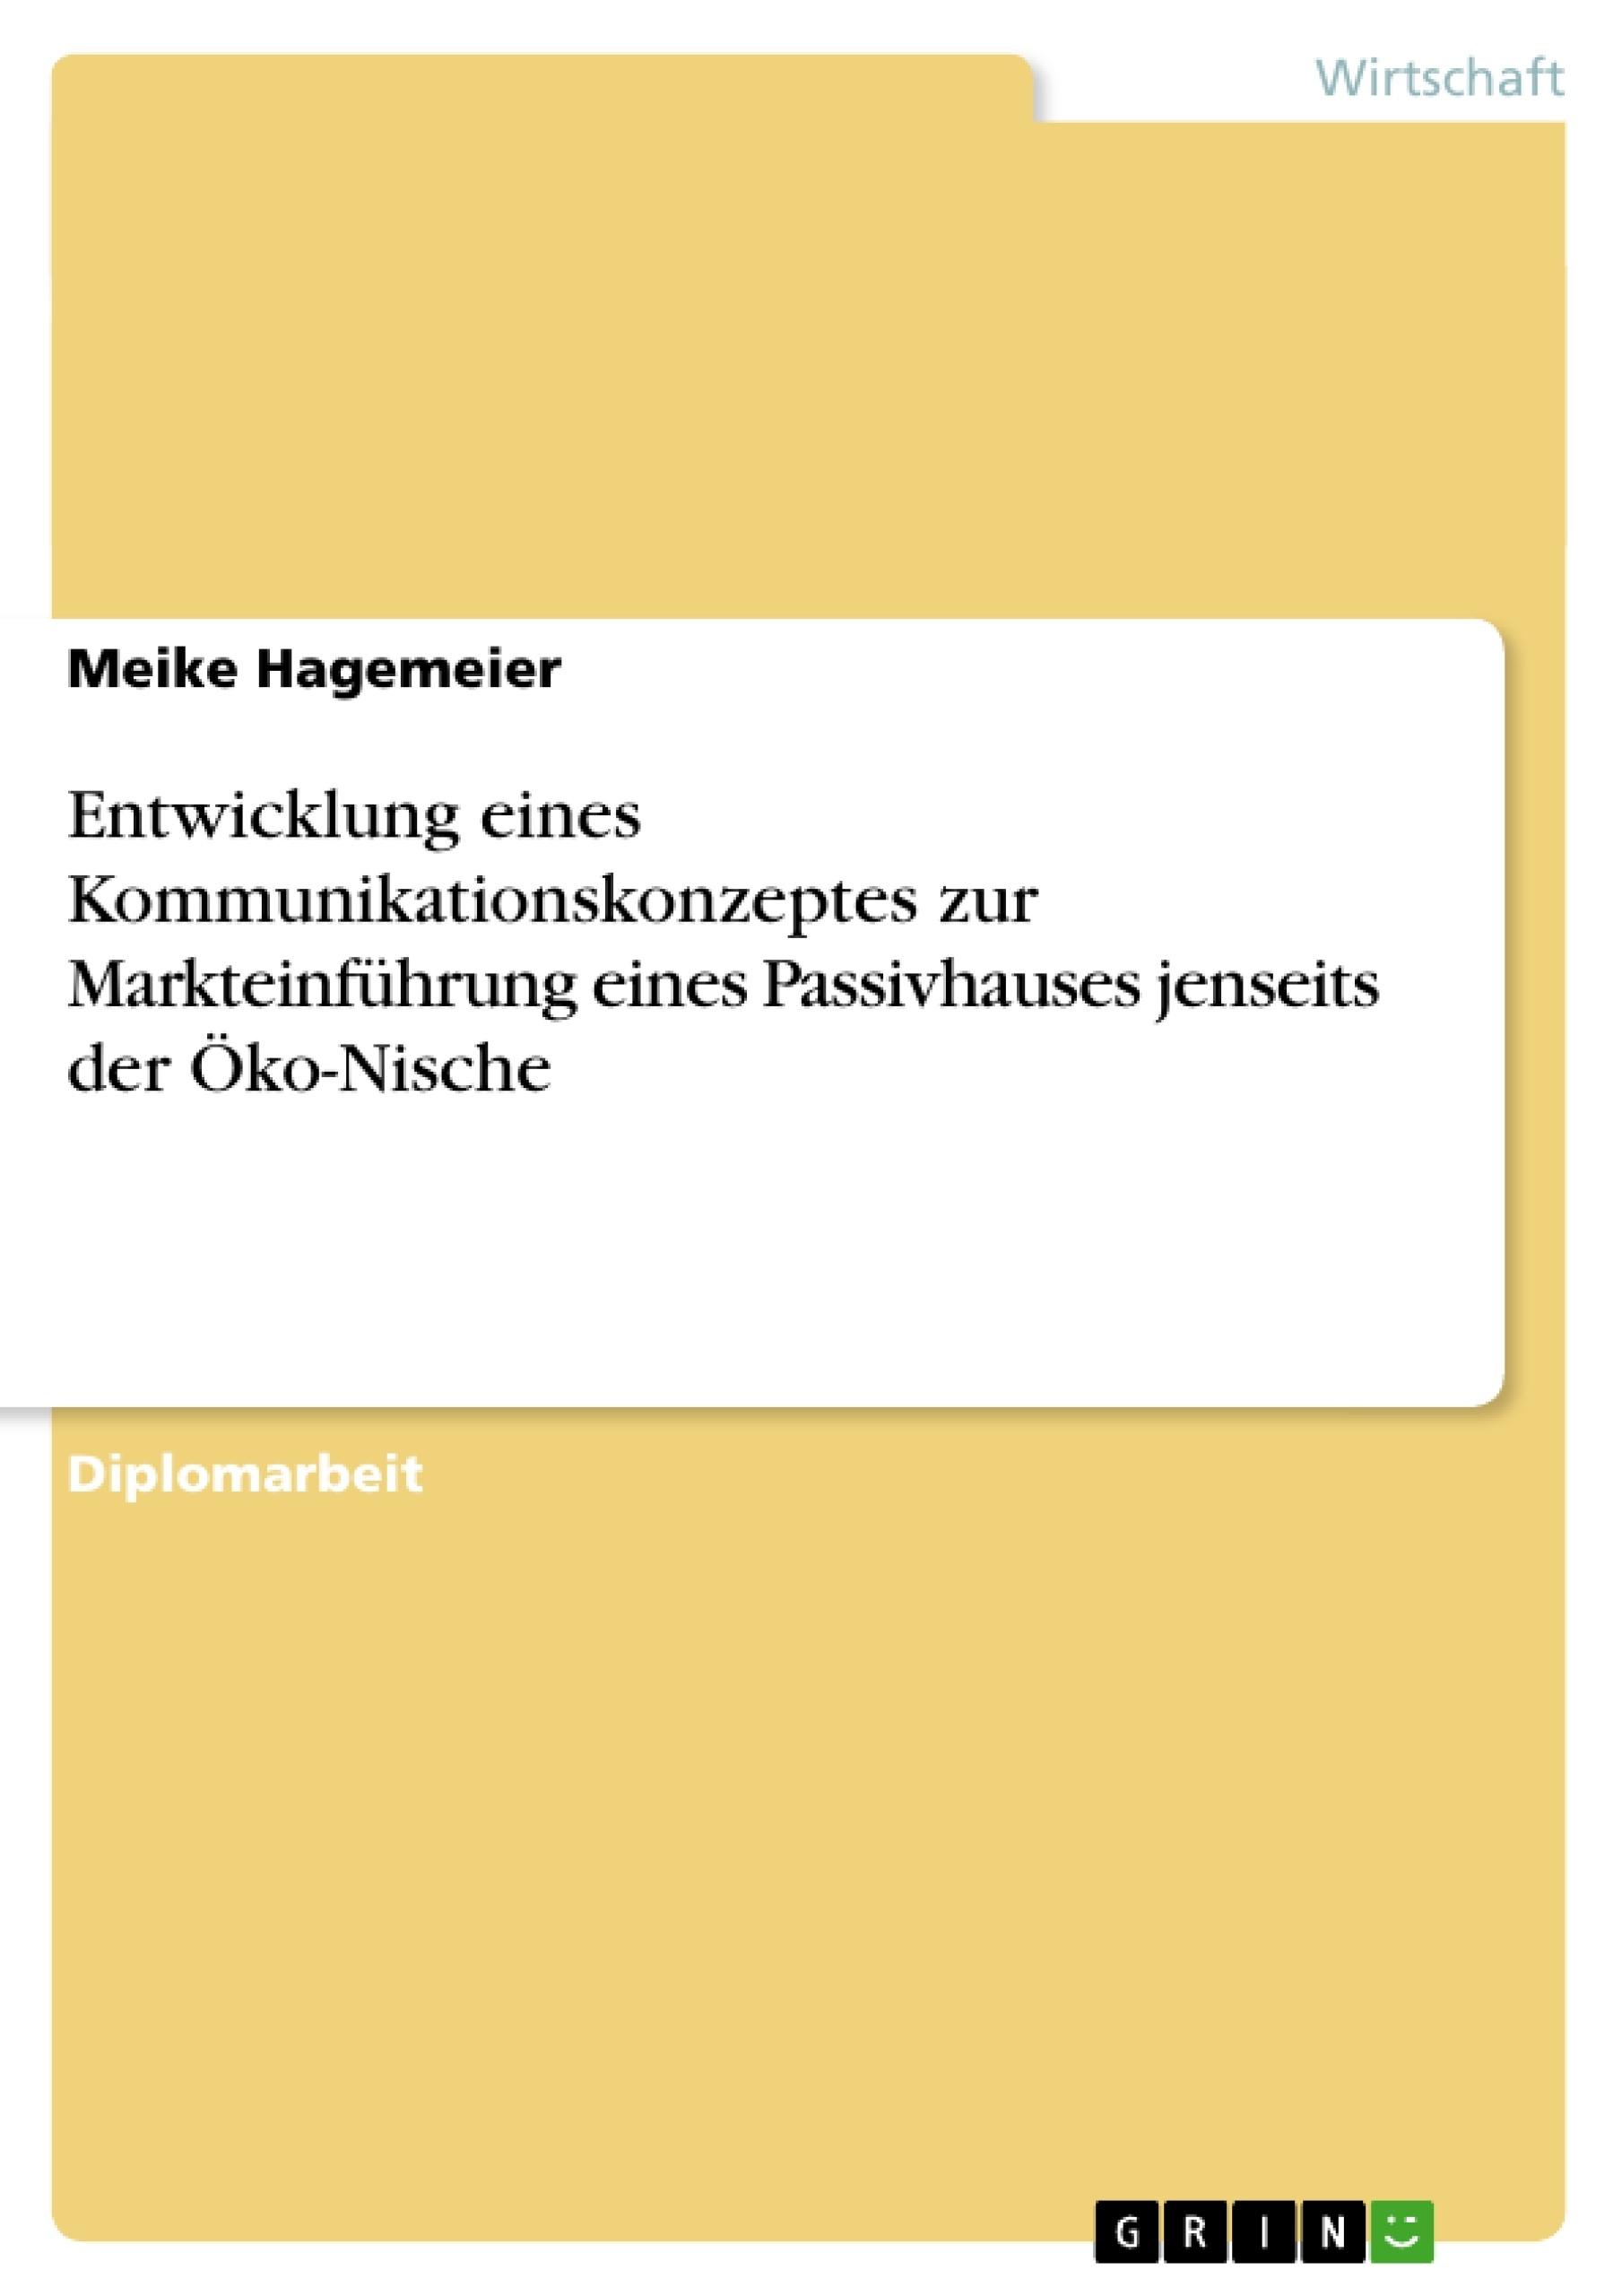 Titel: Entwicklung eines Kommunikationskonzeptes zur Markteinführung eines Passivhauses jenseits der Öko-Nische